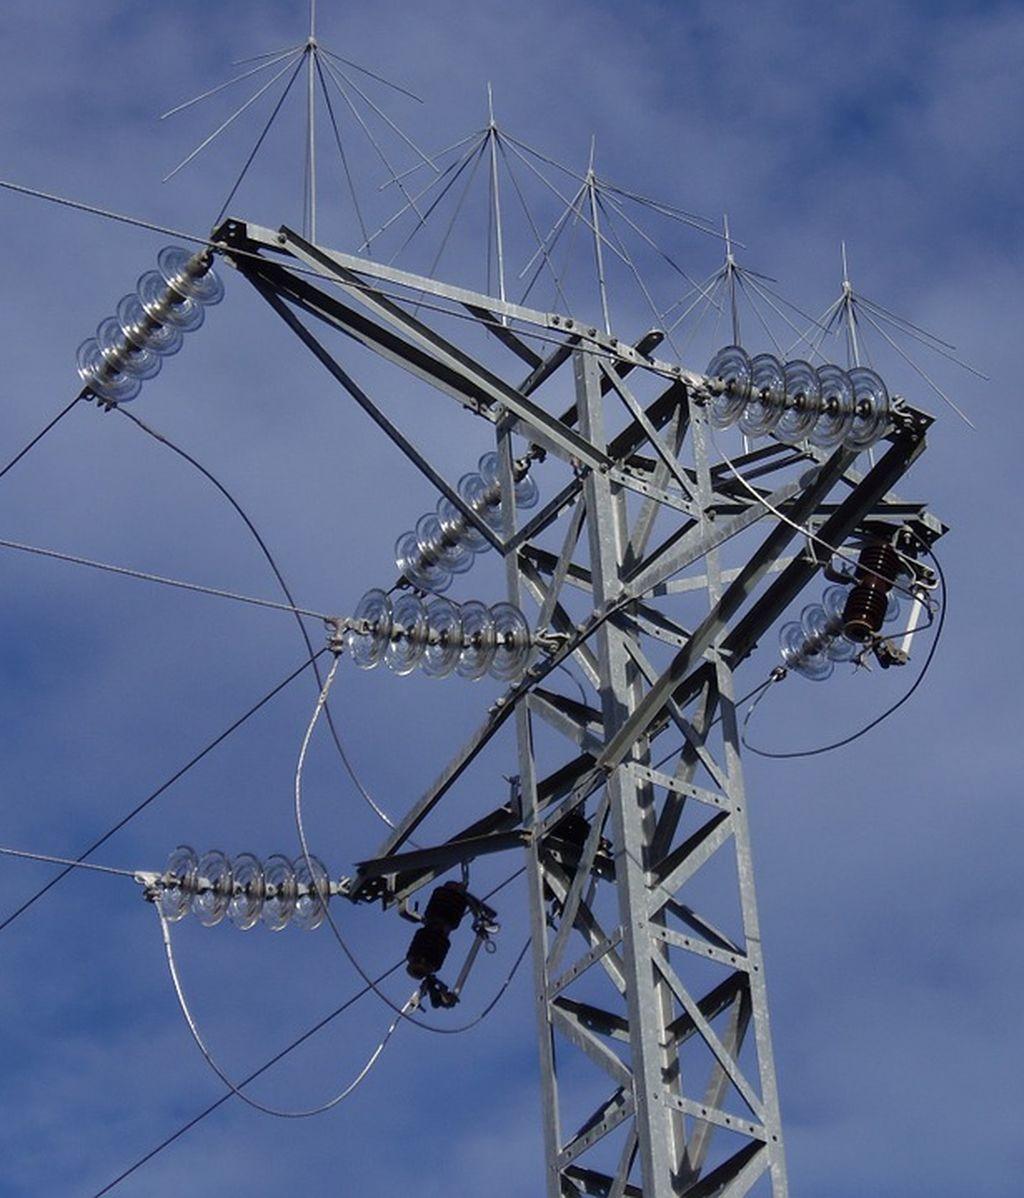 Un desprendimiento de un cable de alta tensión provoca tres heridos en Zaragoza, uno en estado crítico